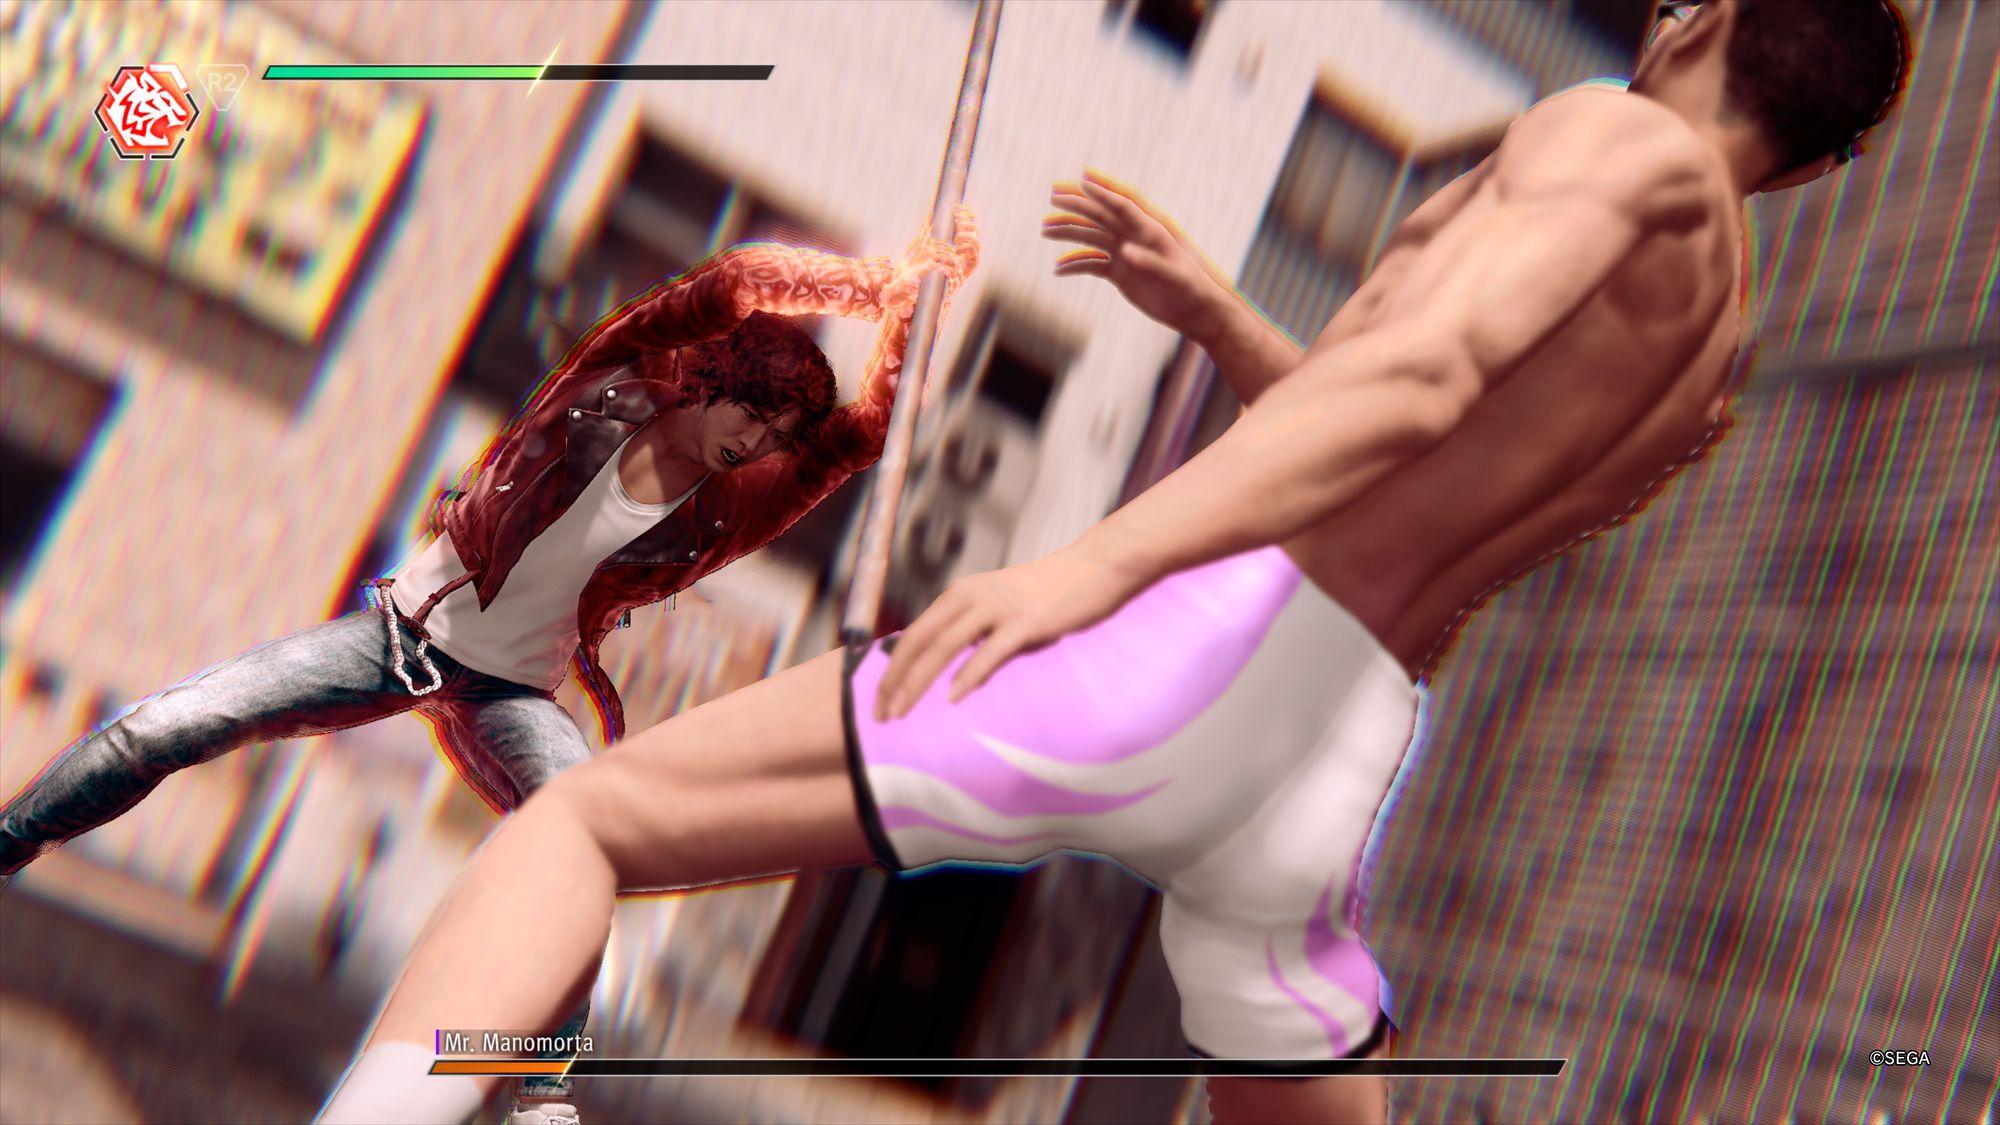 Yagami contro il trio di pervertiti